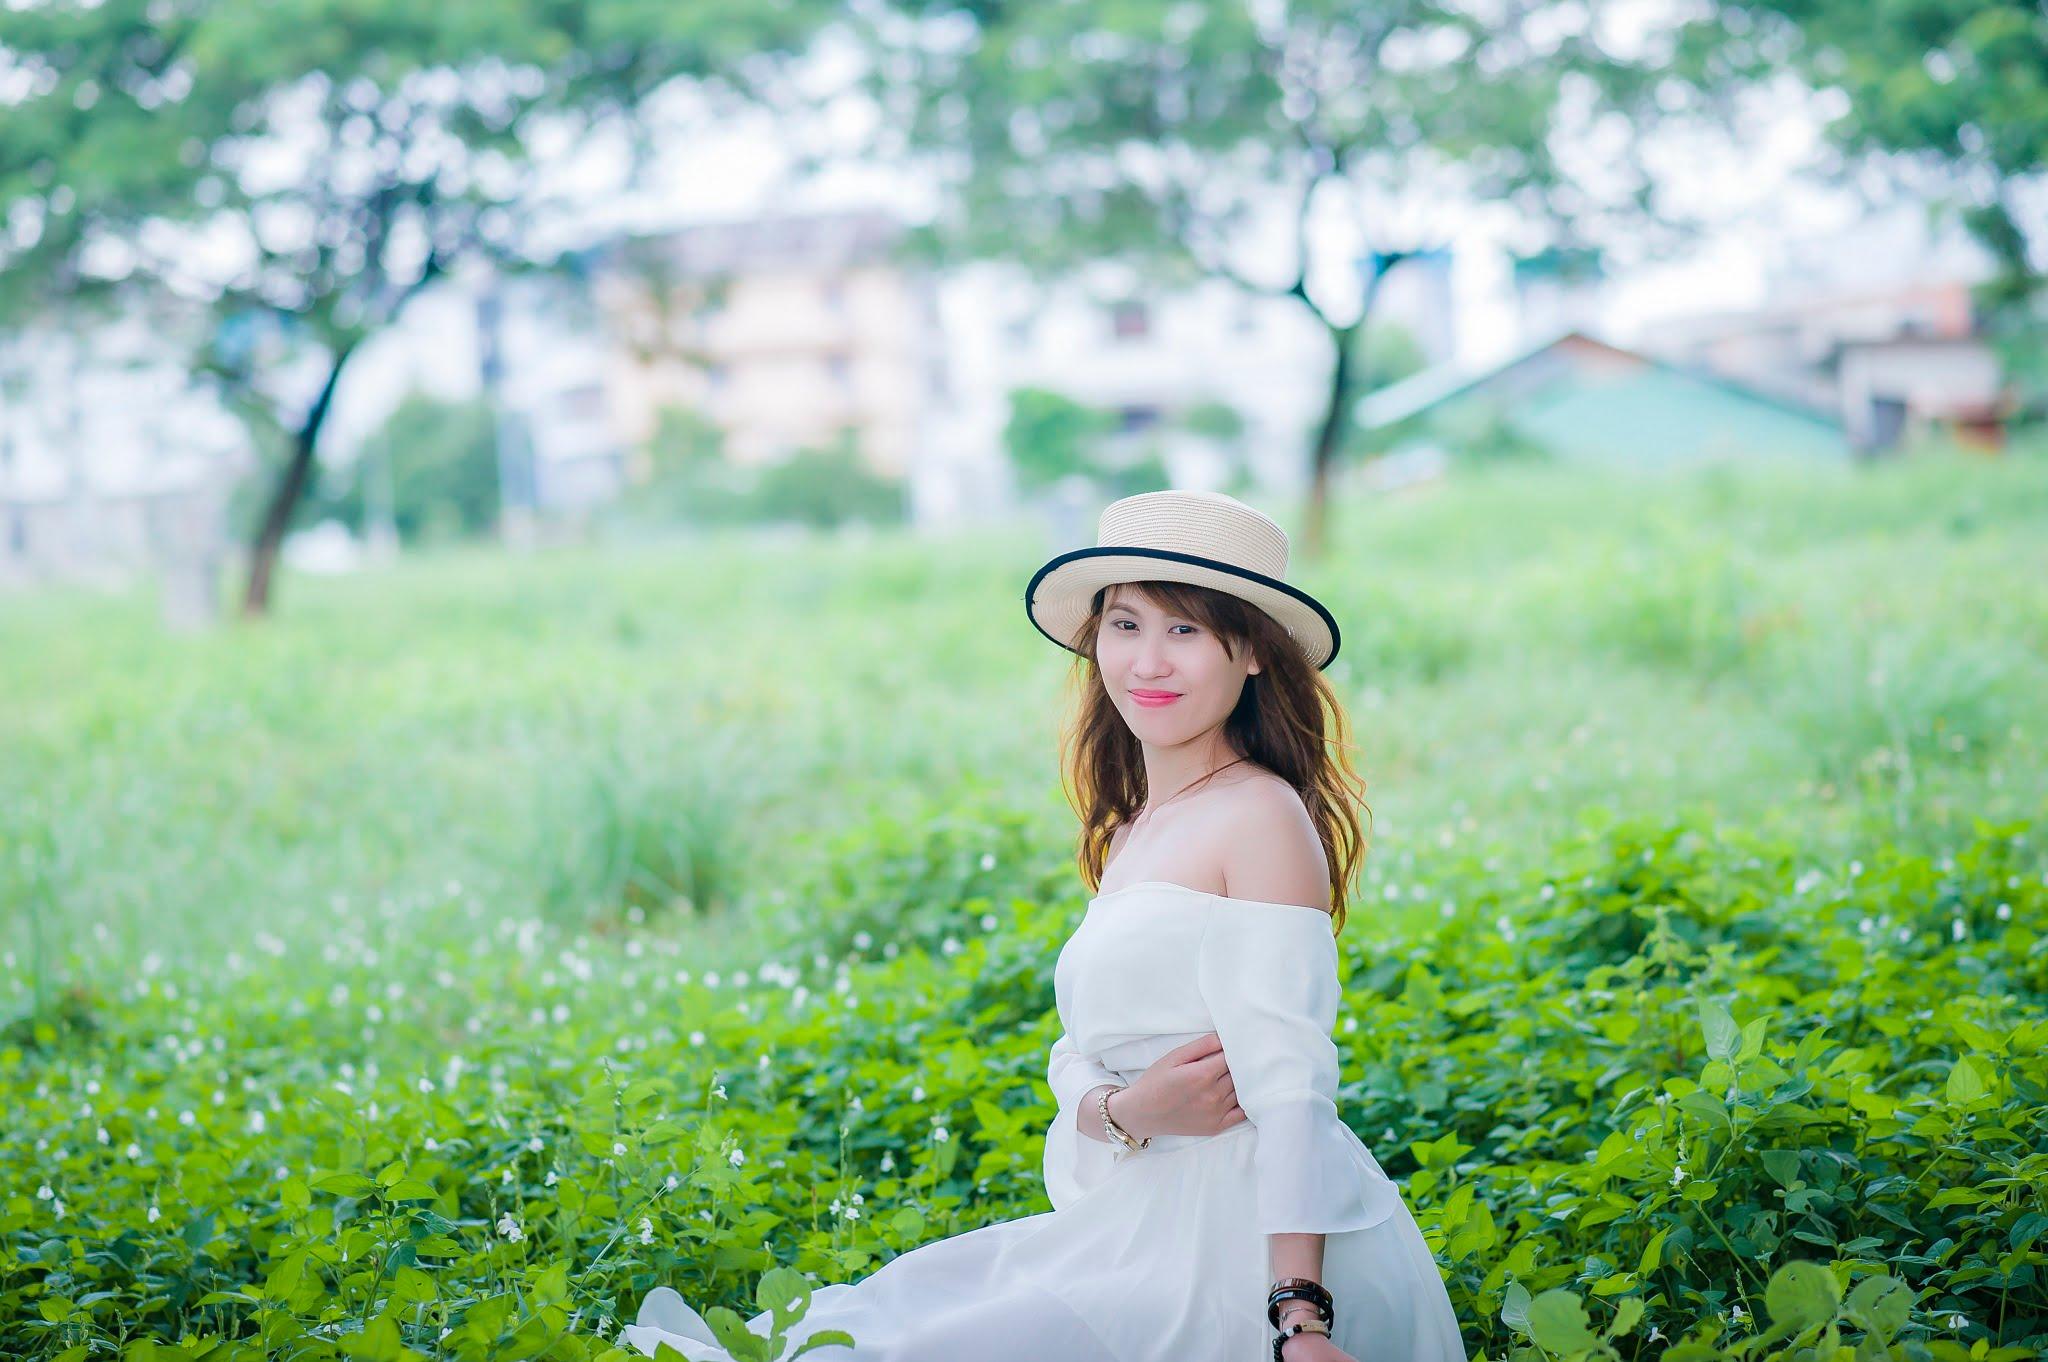 FB be dinh1 - Ảnh chụp với cỏ lau Đảo Kim Cương, Quận 2